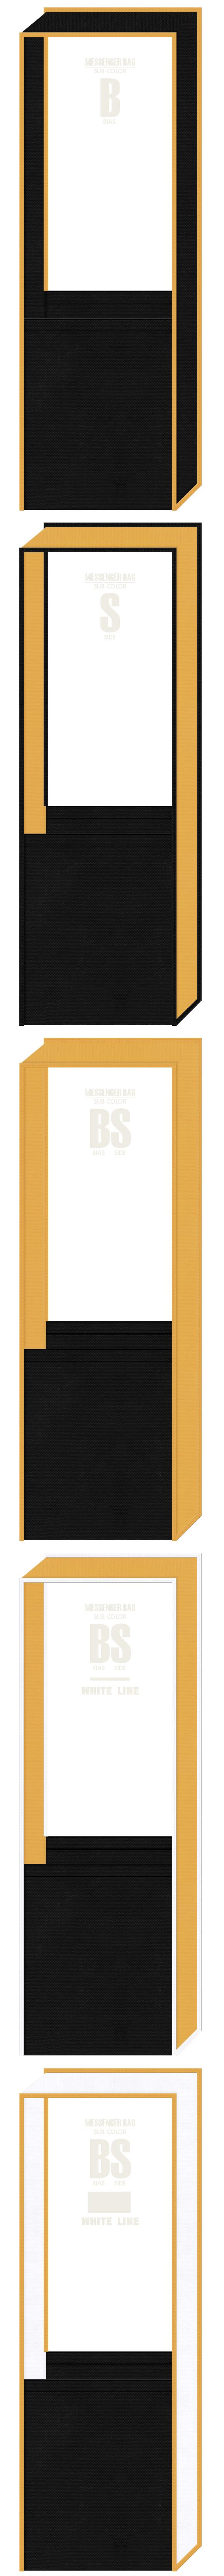 不織布メッセンジャーバッグのカラーシミュレーション(黒色・黄土色・白色)